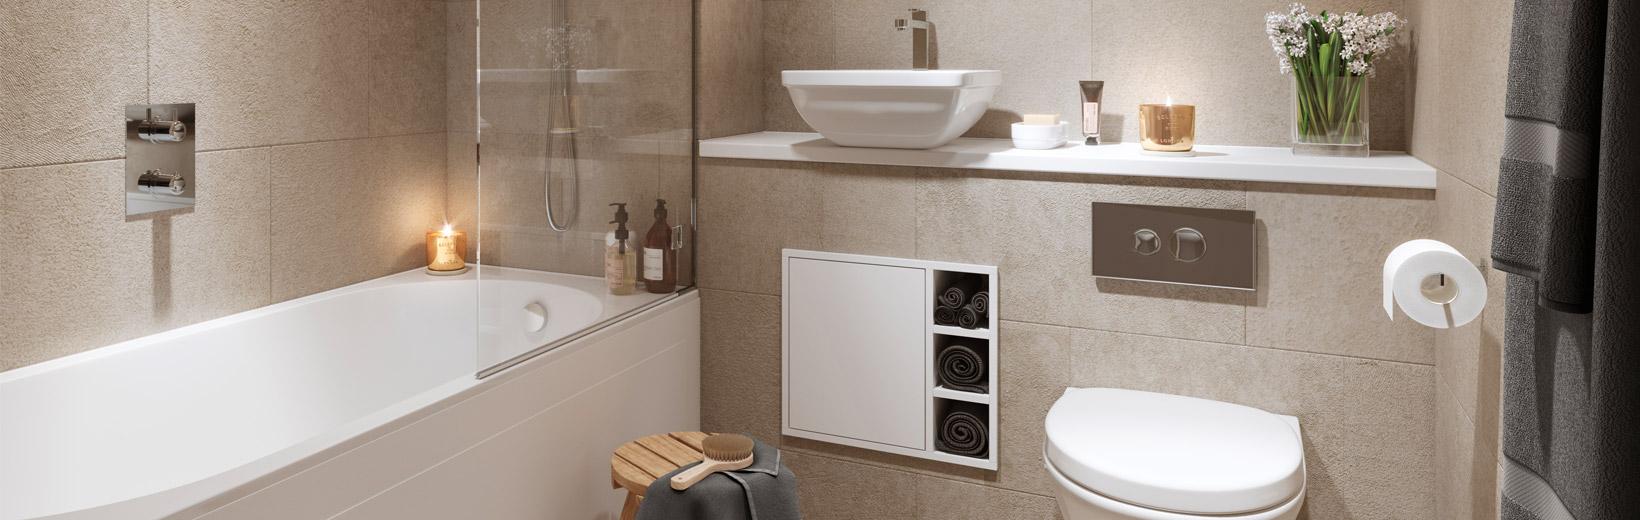 Walthamstow Bathroom